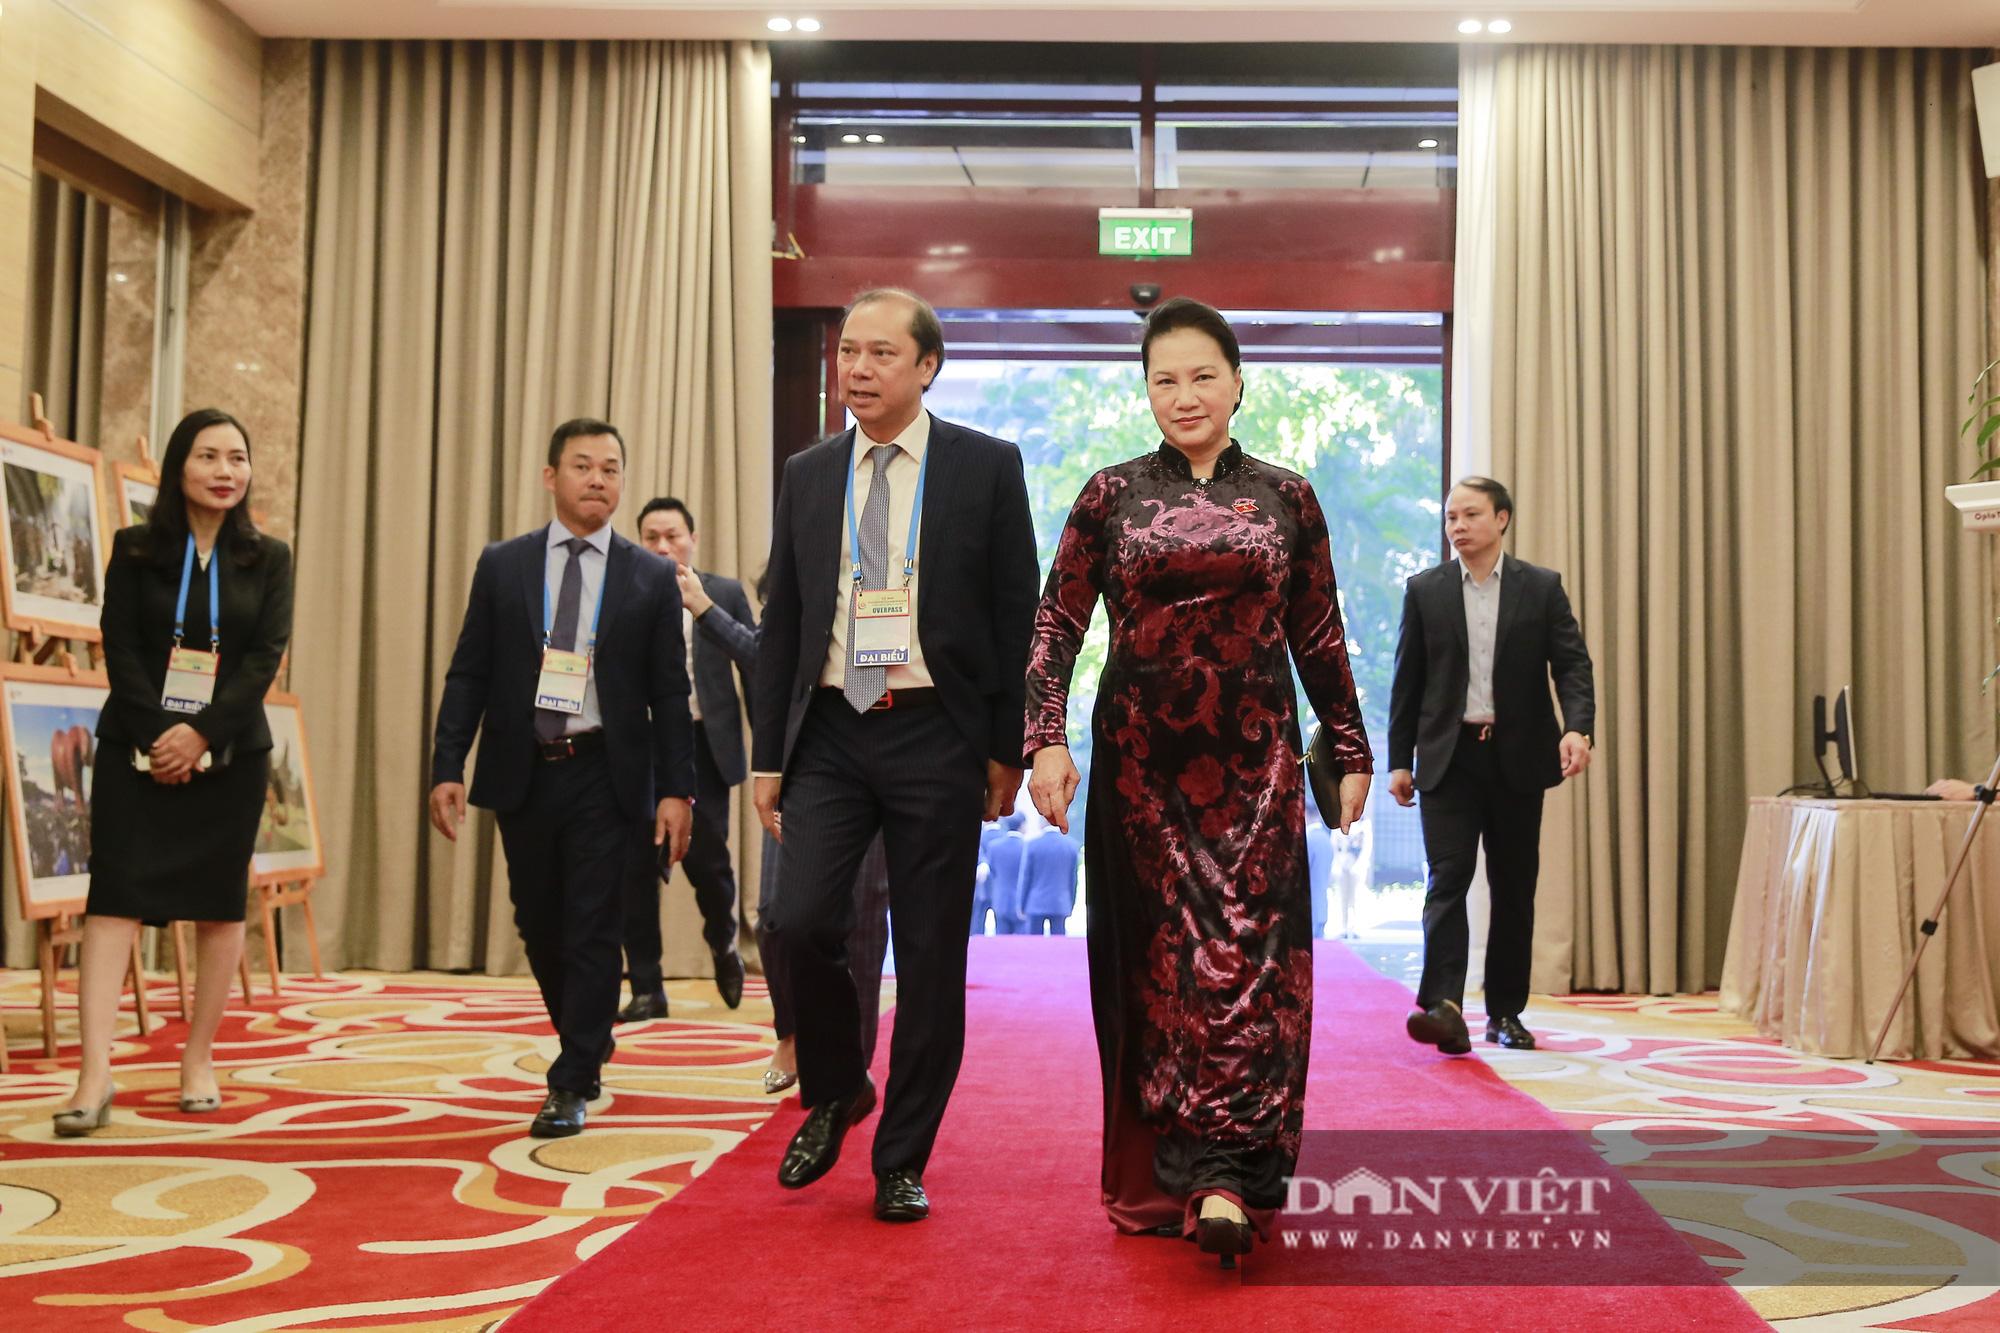 Toàn cảnh Khai mạc Hội nghị Cấp cao ASEAN lần thứ 37 - Ảnh 3.